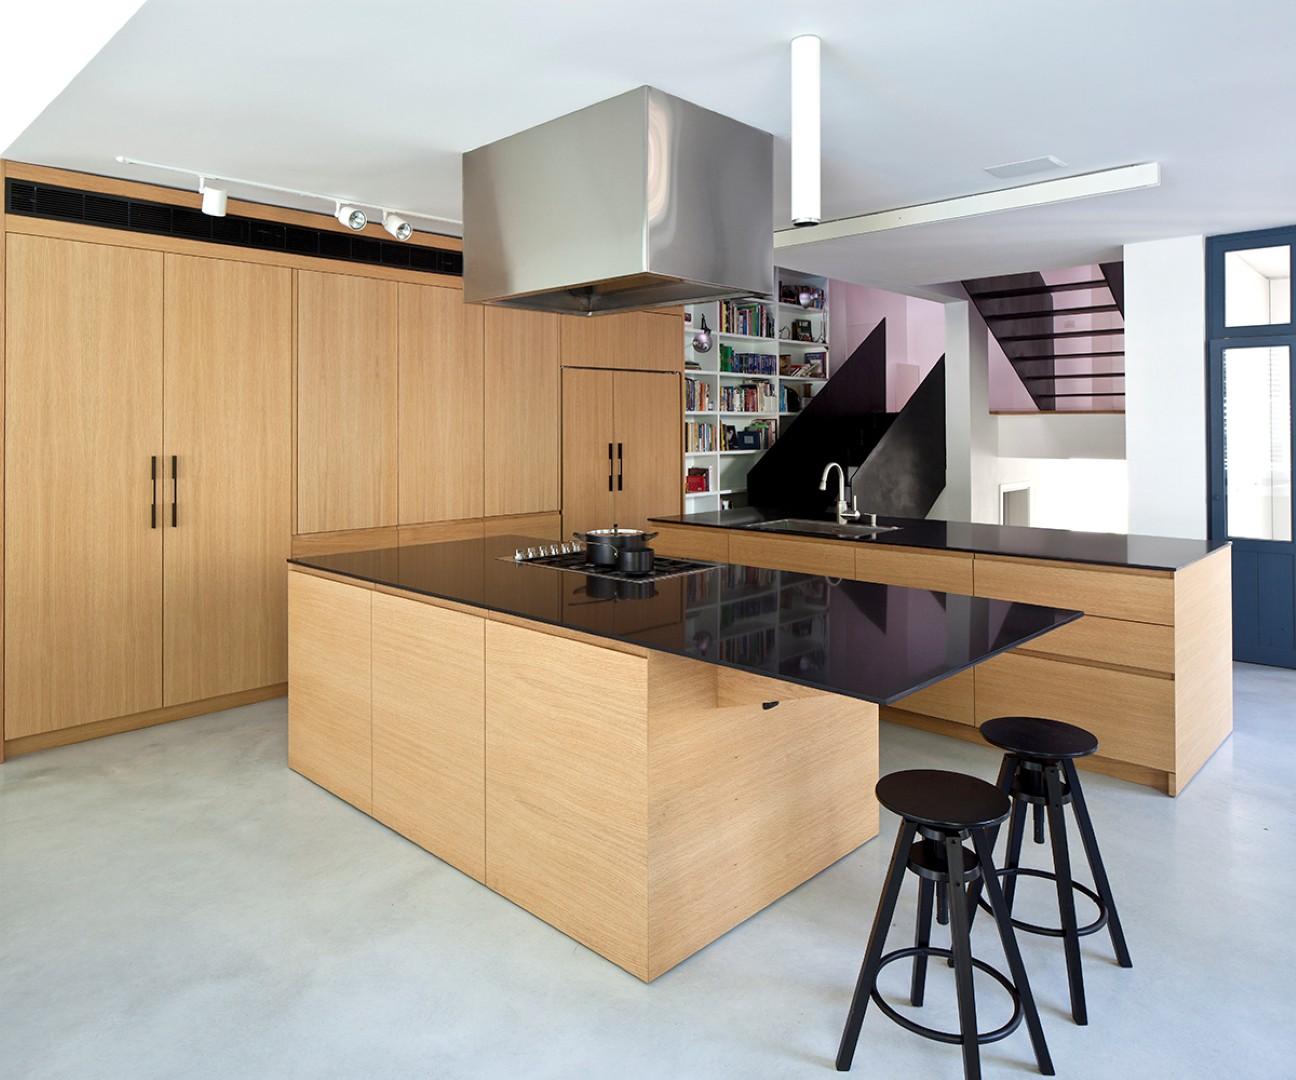 מטבח בסגנון מודרני, תכנון ועיצוב: לוי-חמיצר אדריכלים (צילום: עמית גרון)